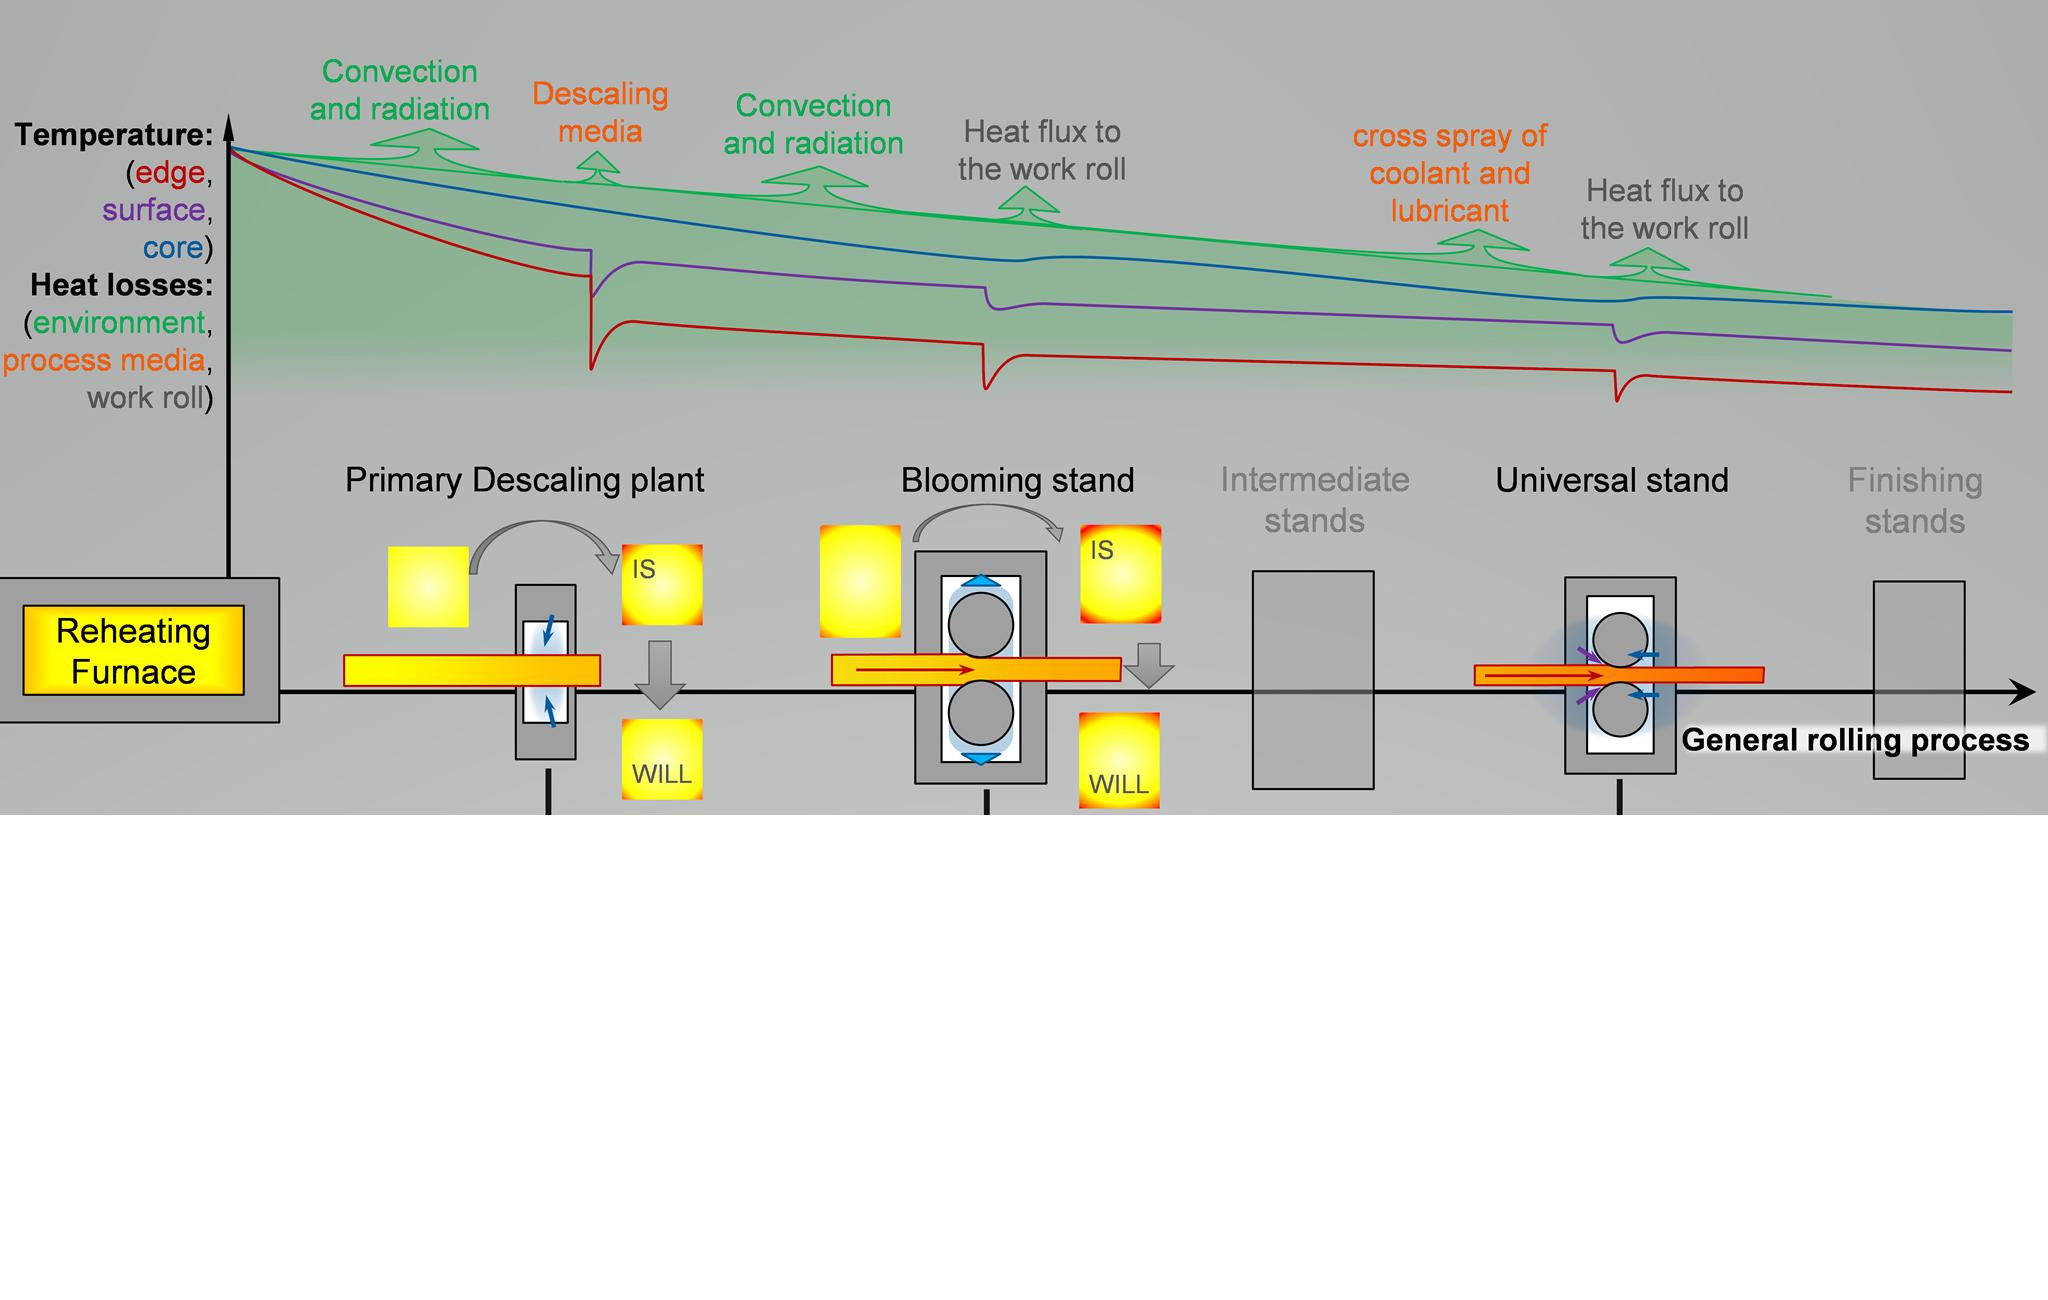 Hauptwärmeverluste entlang des Warmwalzprozesses von Langprodukten